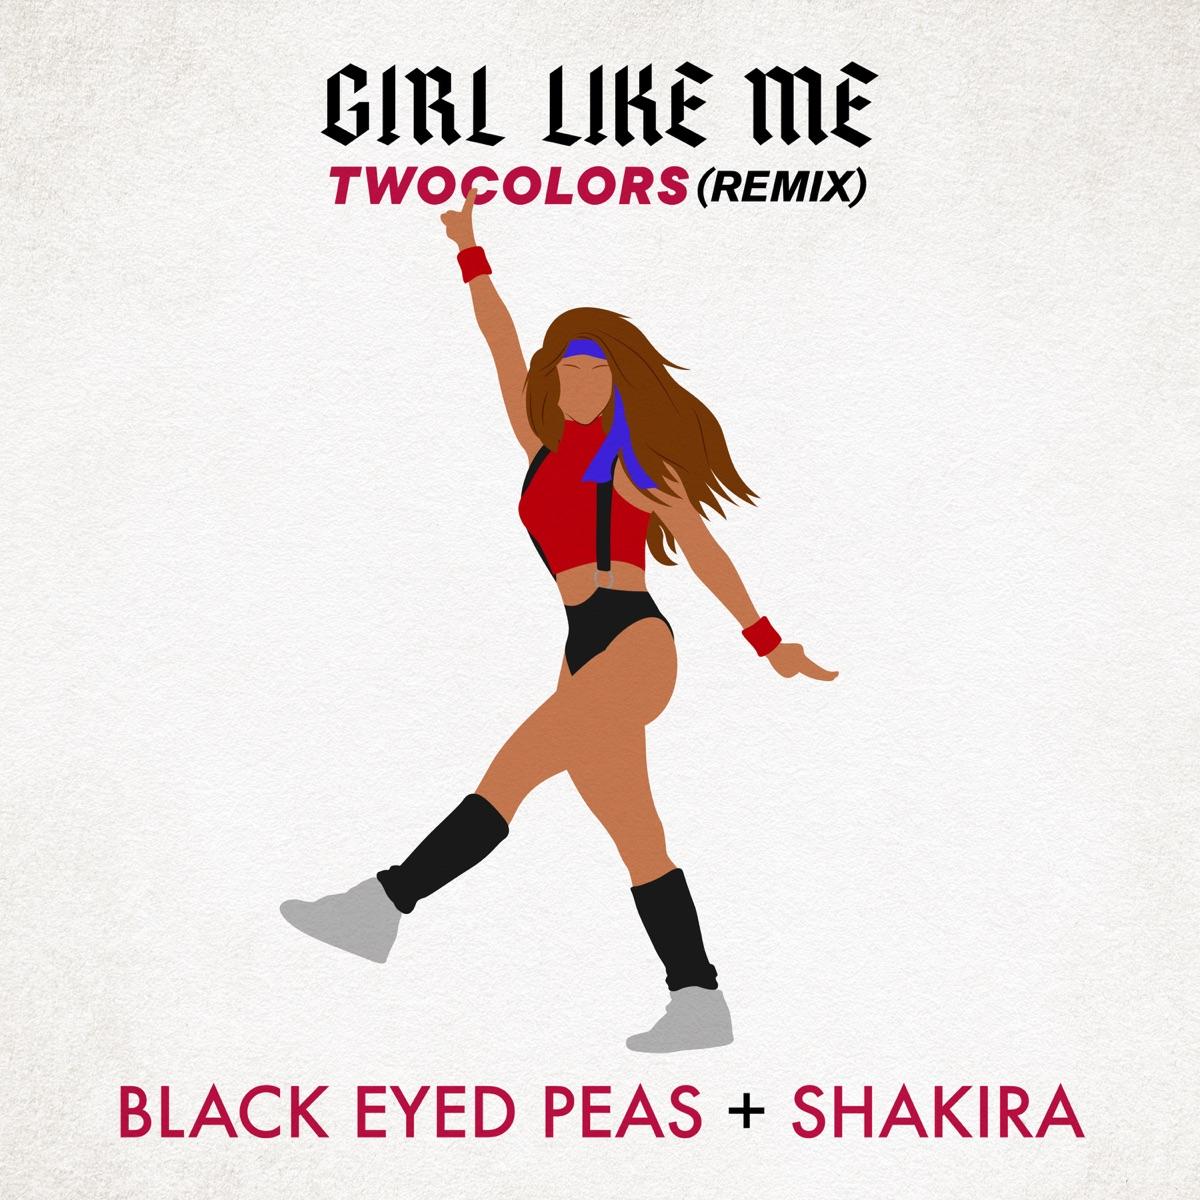 Girl like me (Remix)